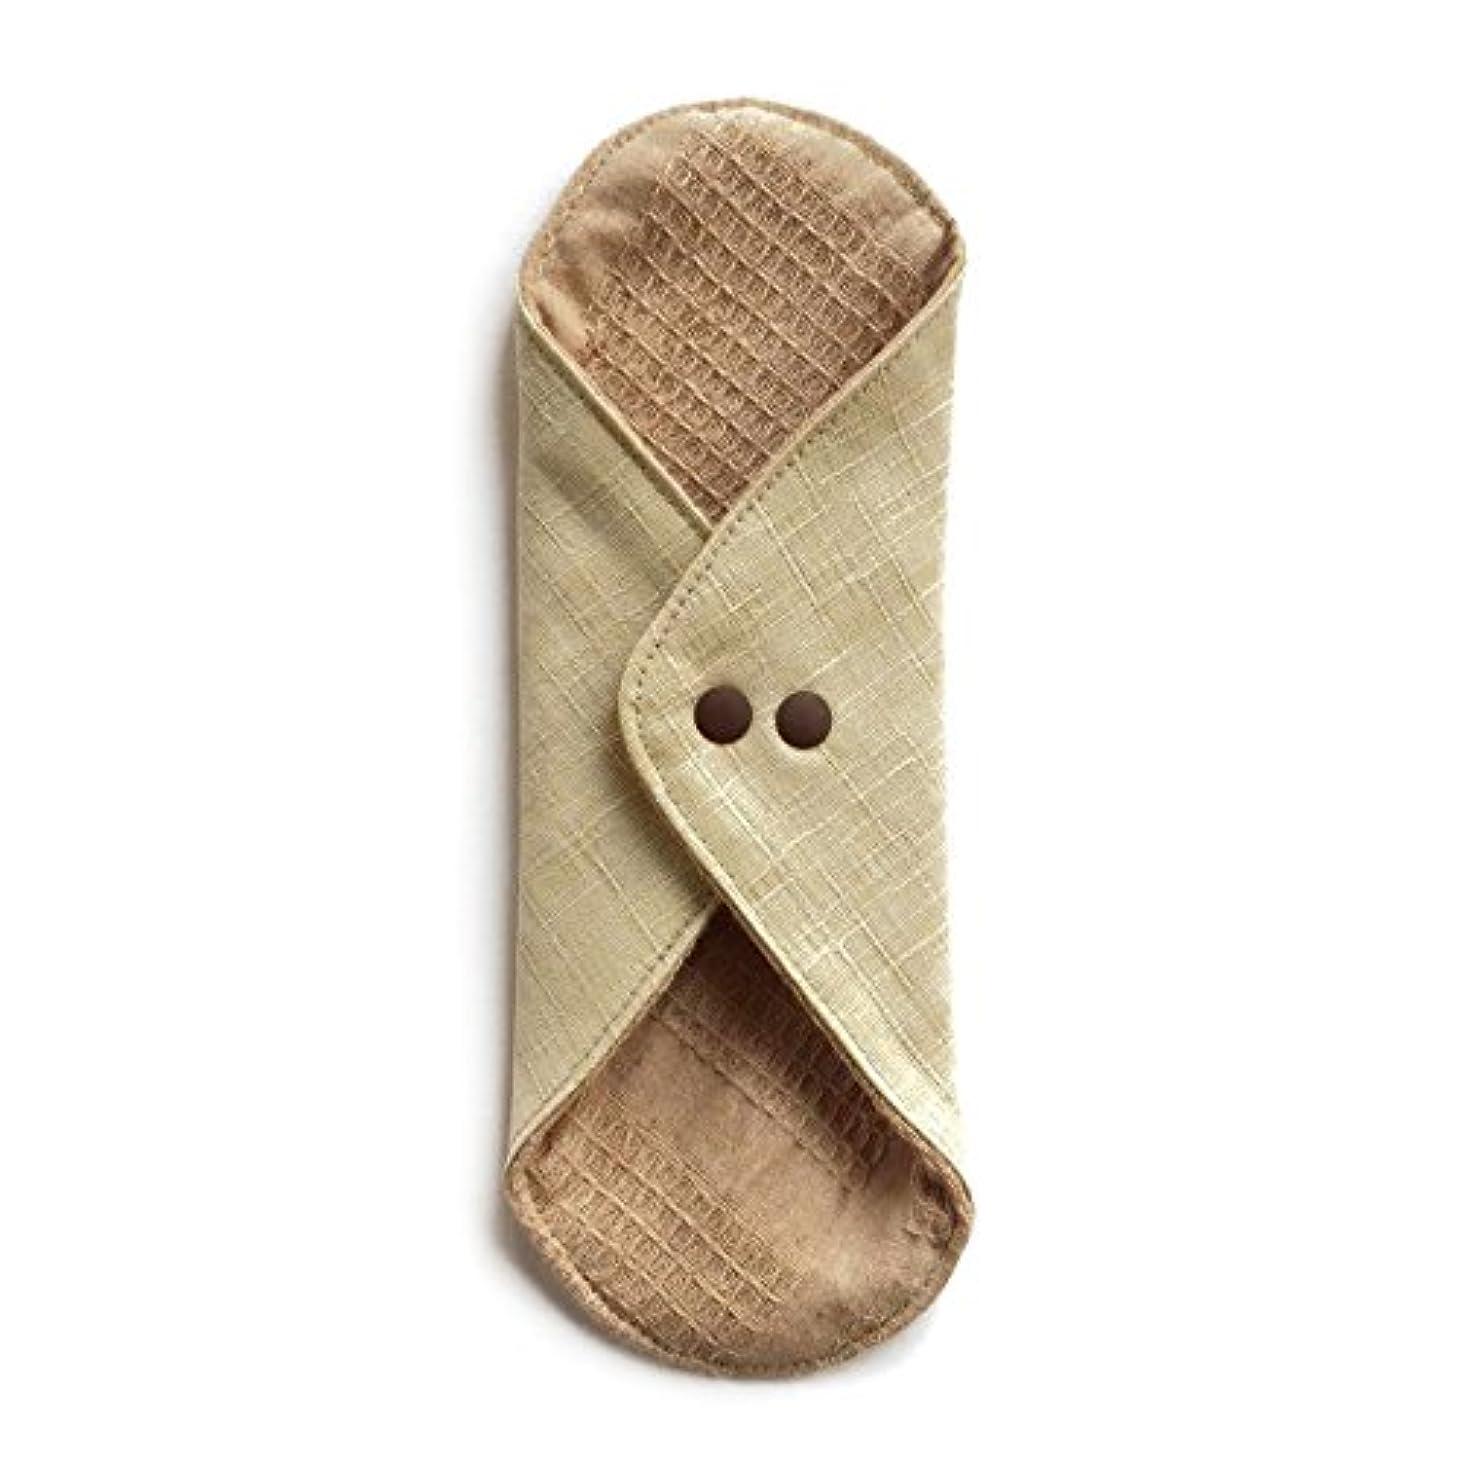 脚本家検査お手伝いさん華布のオーガニックコットンのあたため布 Lサイズ (約18×約20.5×約0.5cm) 彩り(百合)